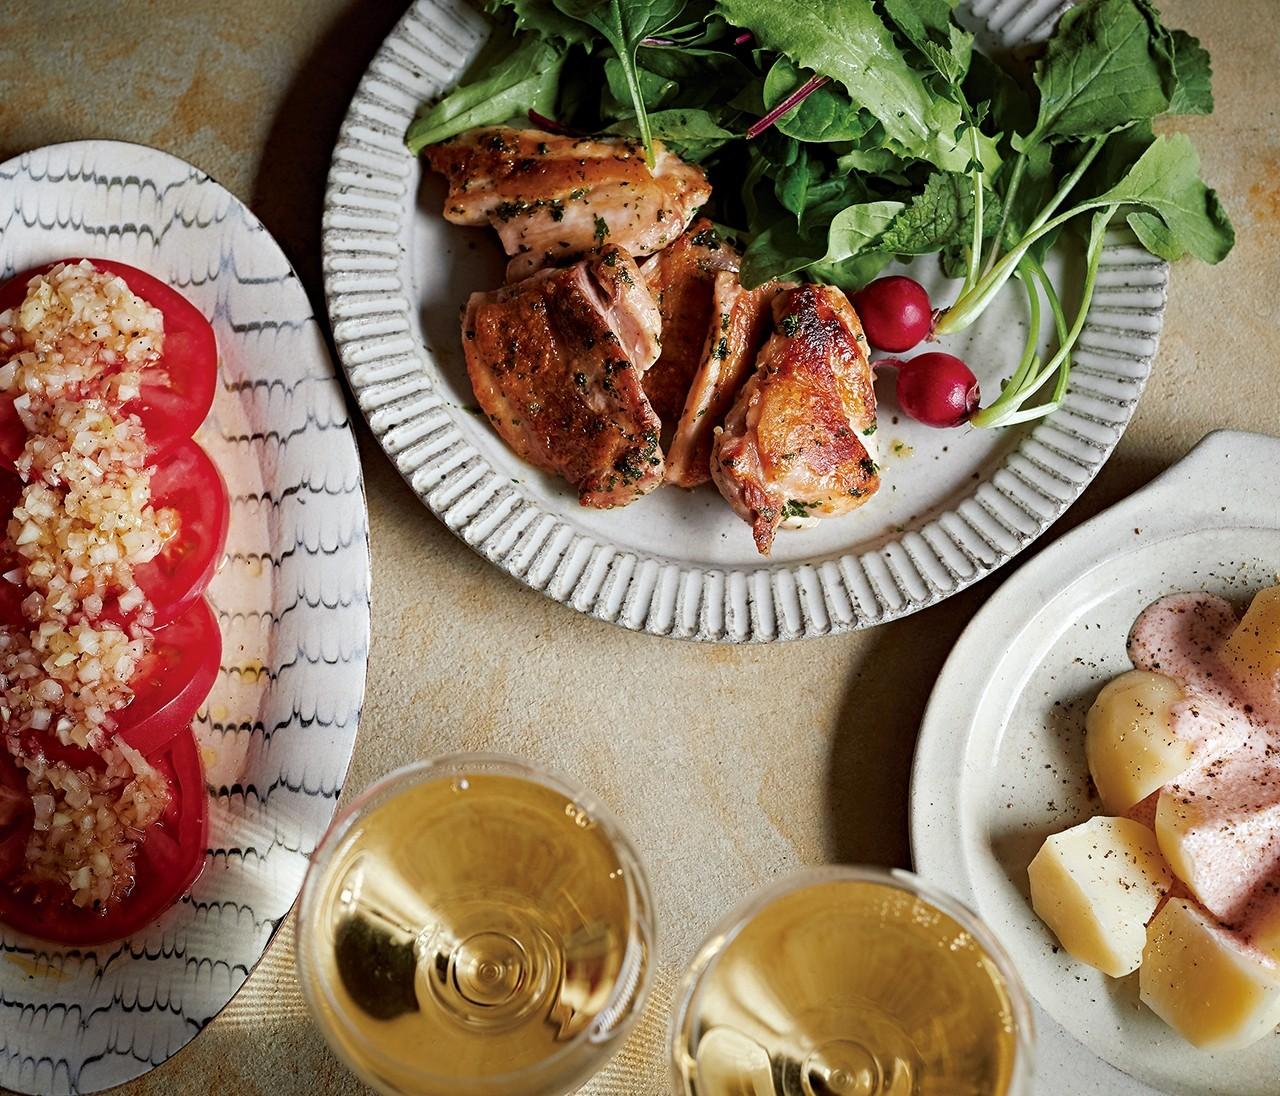 簡単&映える! 白ワインに合うサラダとおつまみ3品【おいしい家飲み⑤】